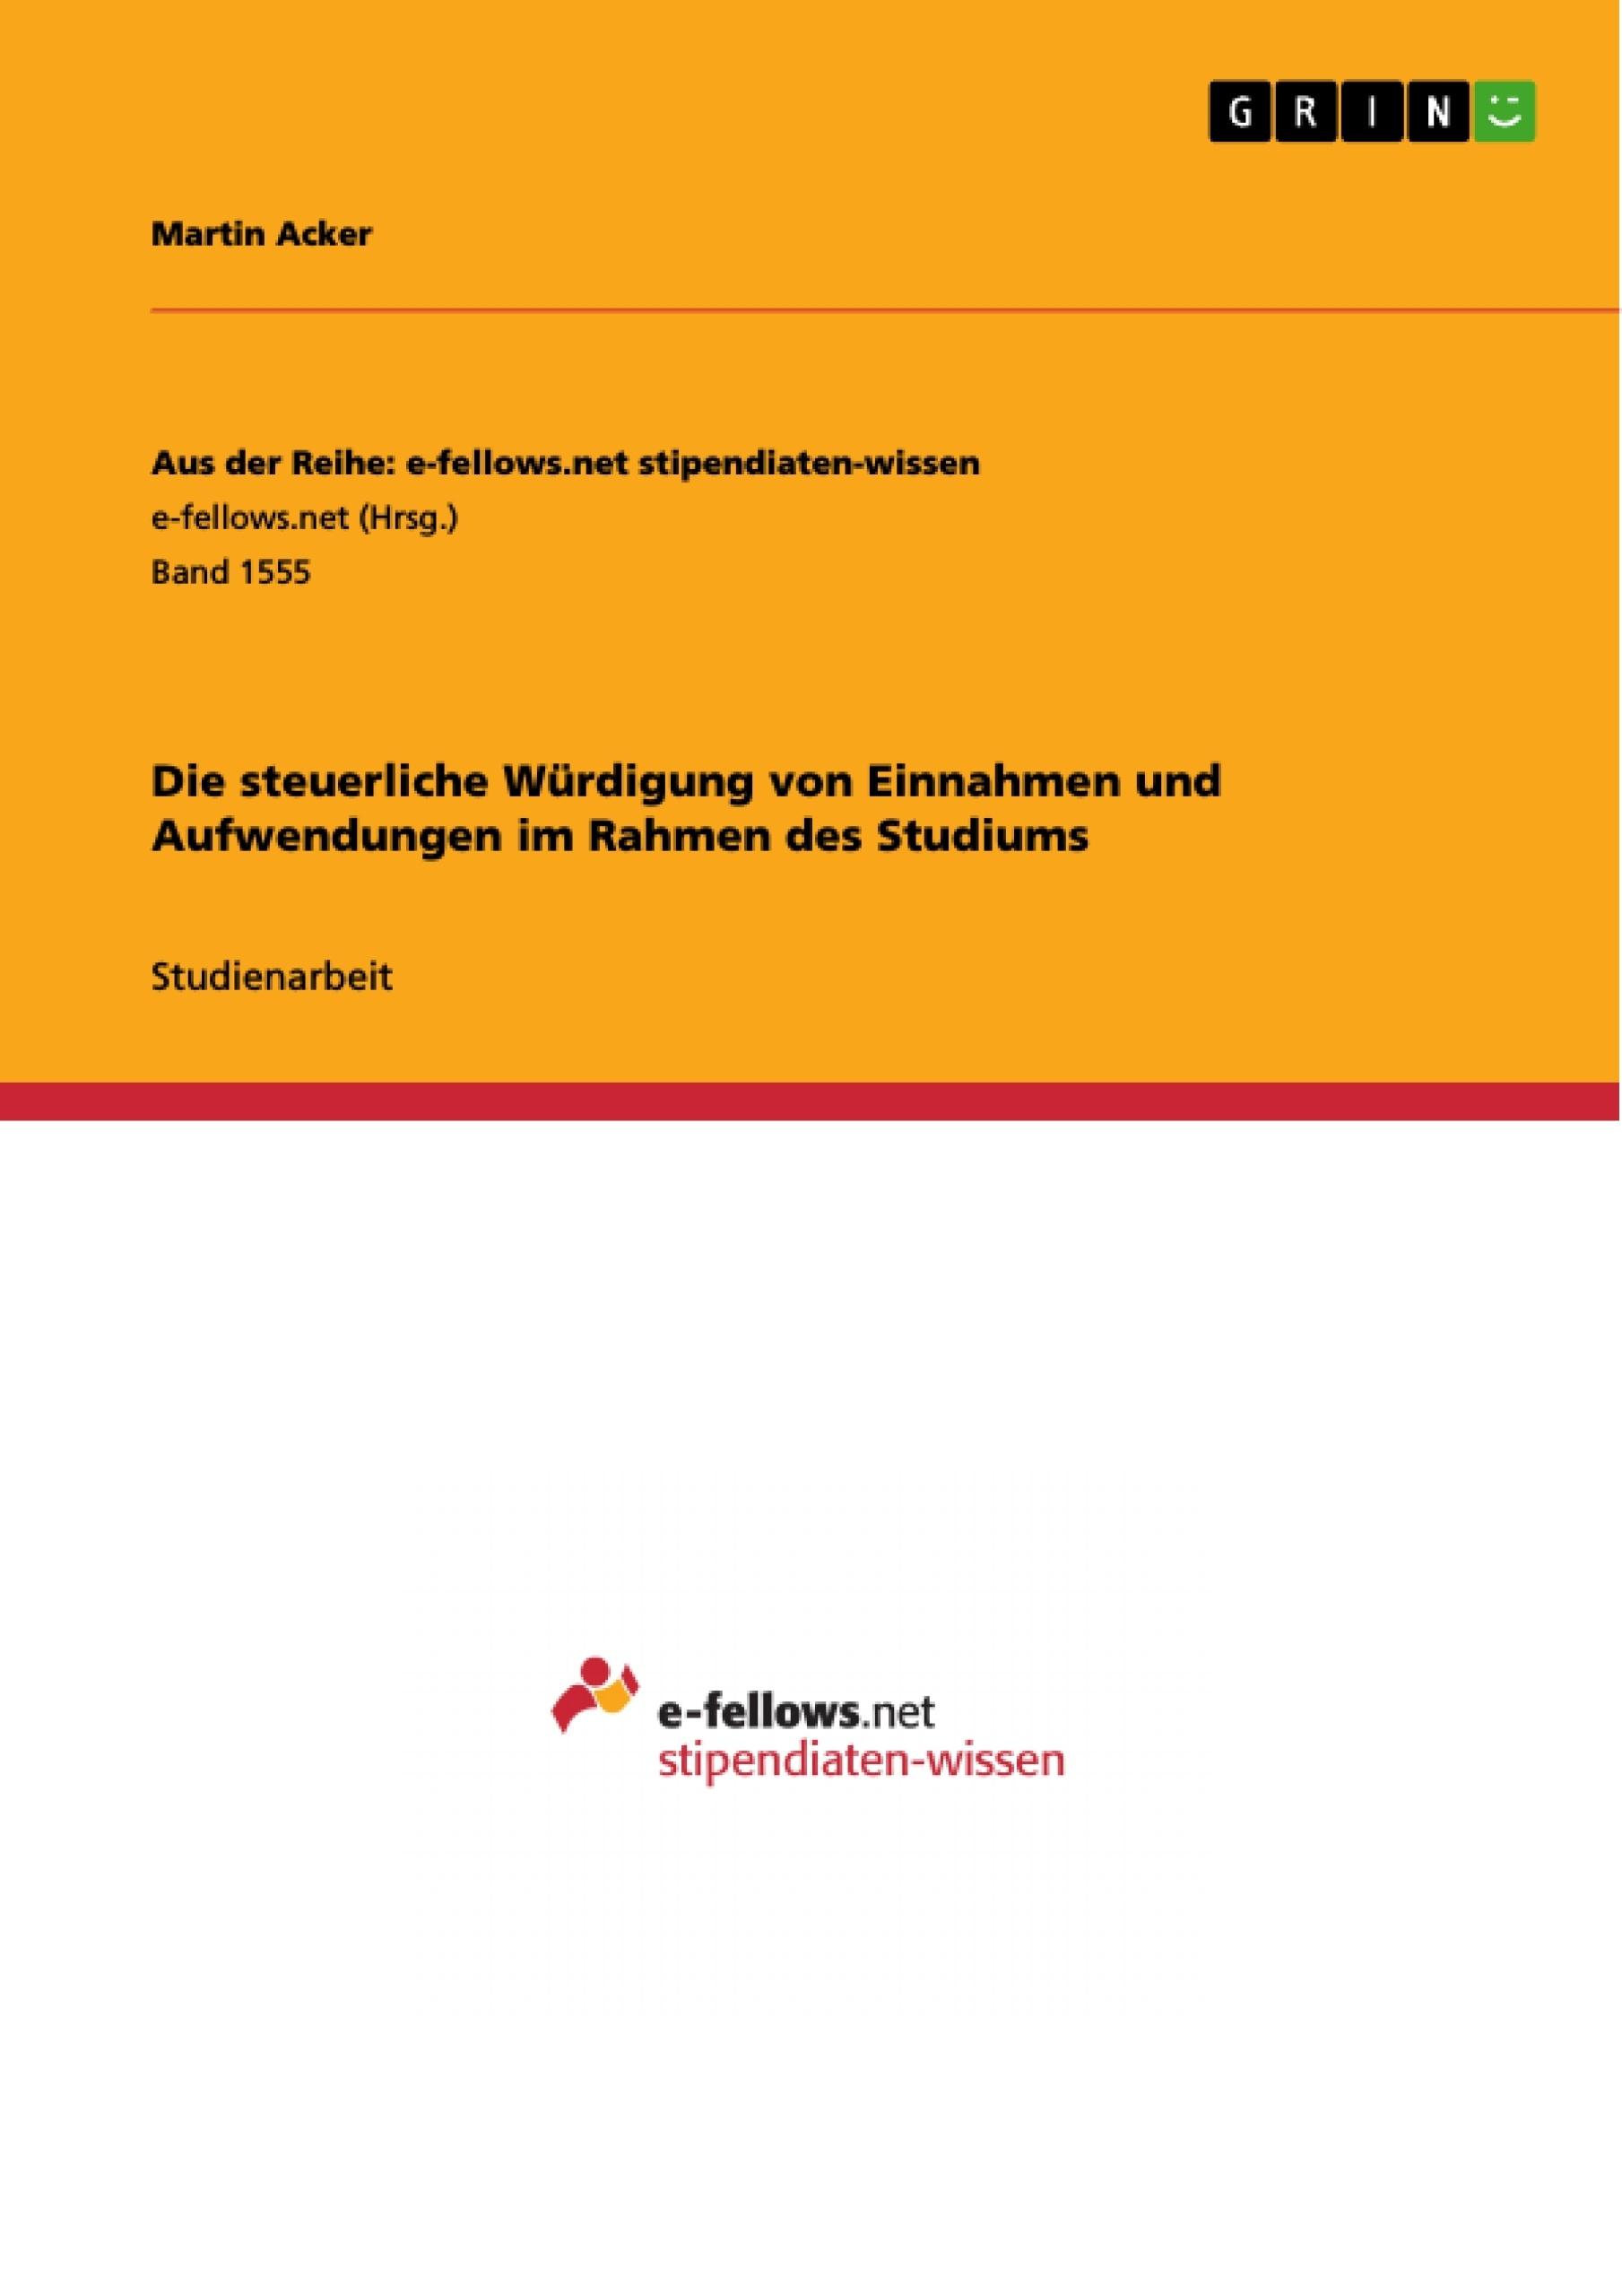 Titel: Die steuerliche Würdigung von Einnahmen und Aufwendungen im Rahmen des Studiums